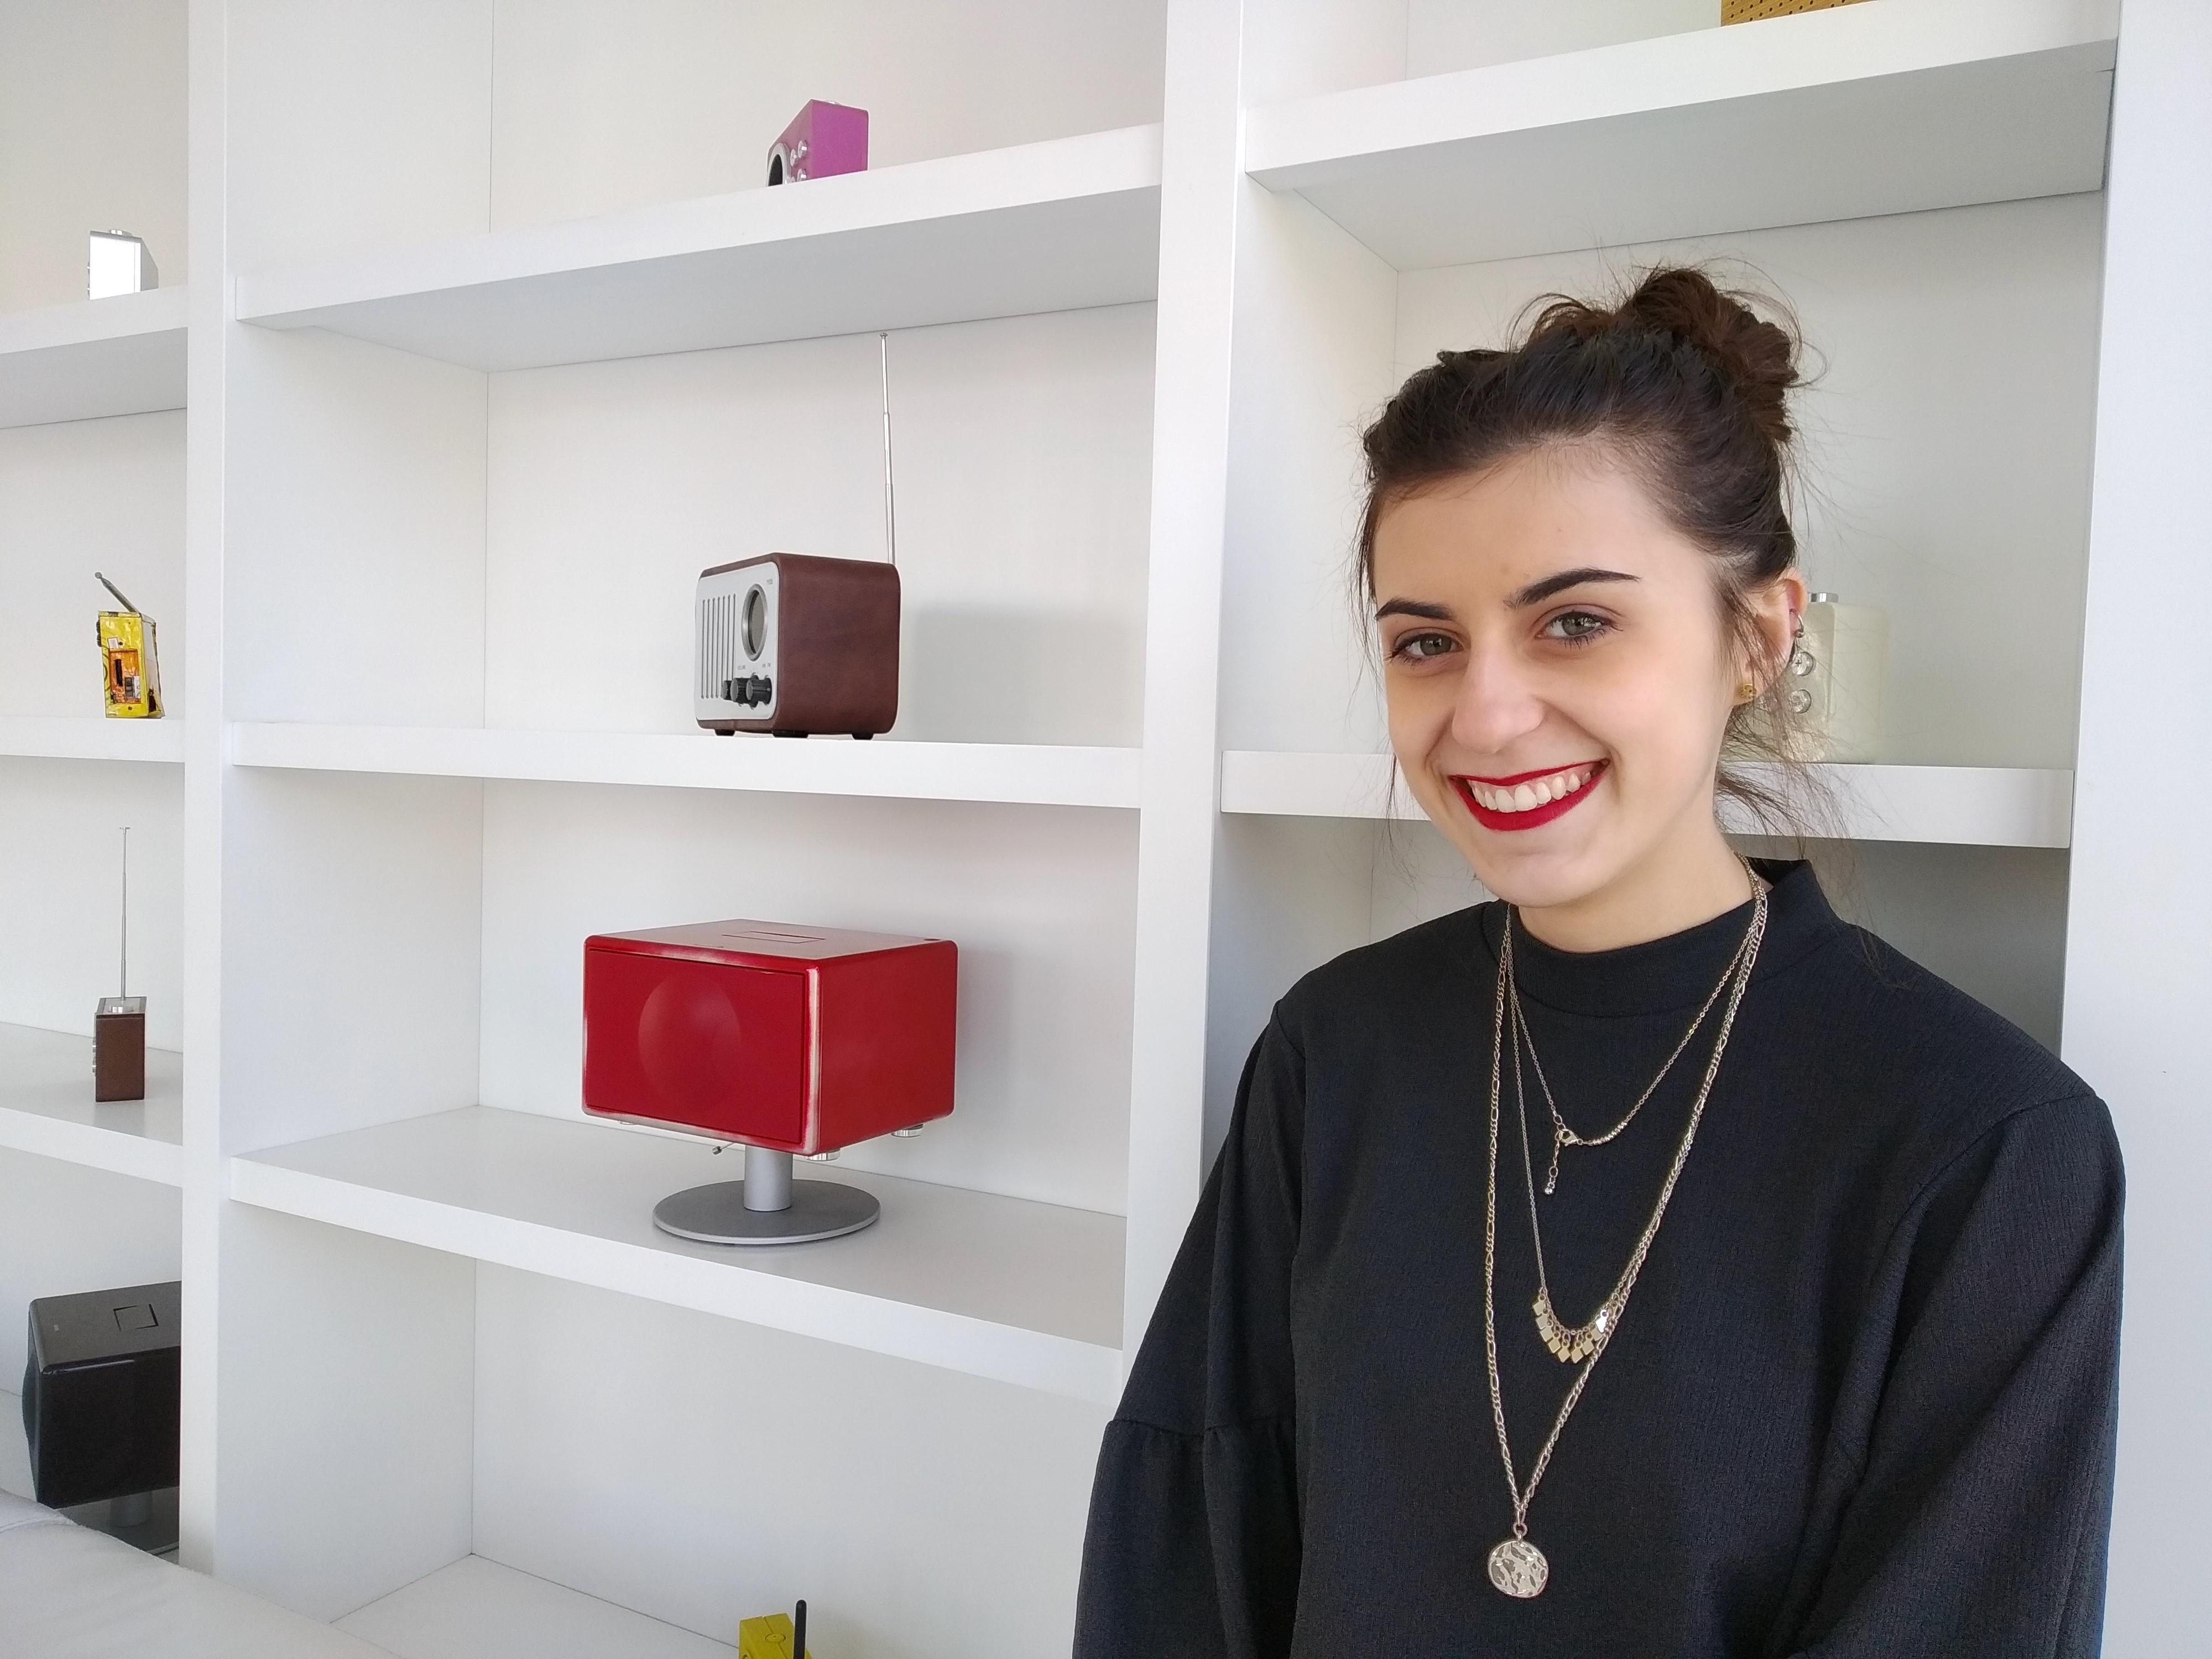 Mathilde a choisi d'effectuer son stage en tant que Community Manager pour une radio lyonnaise